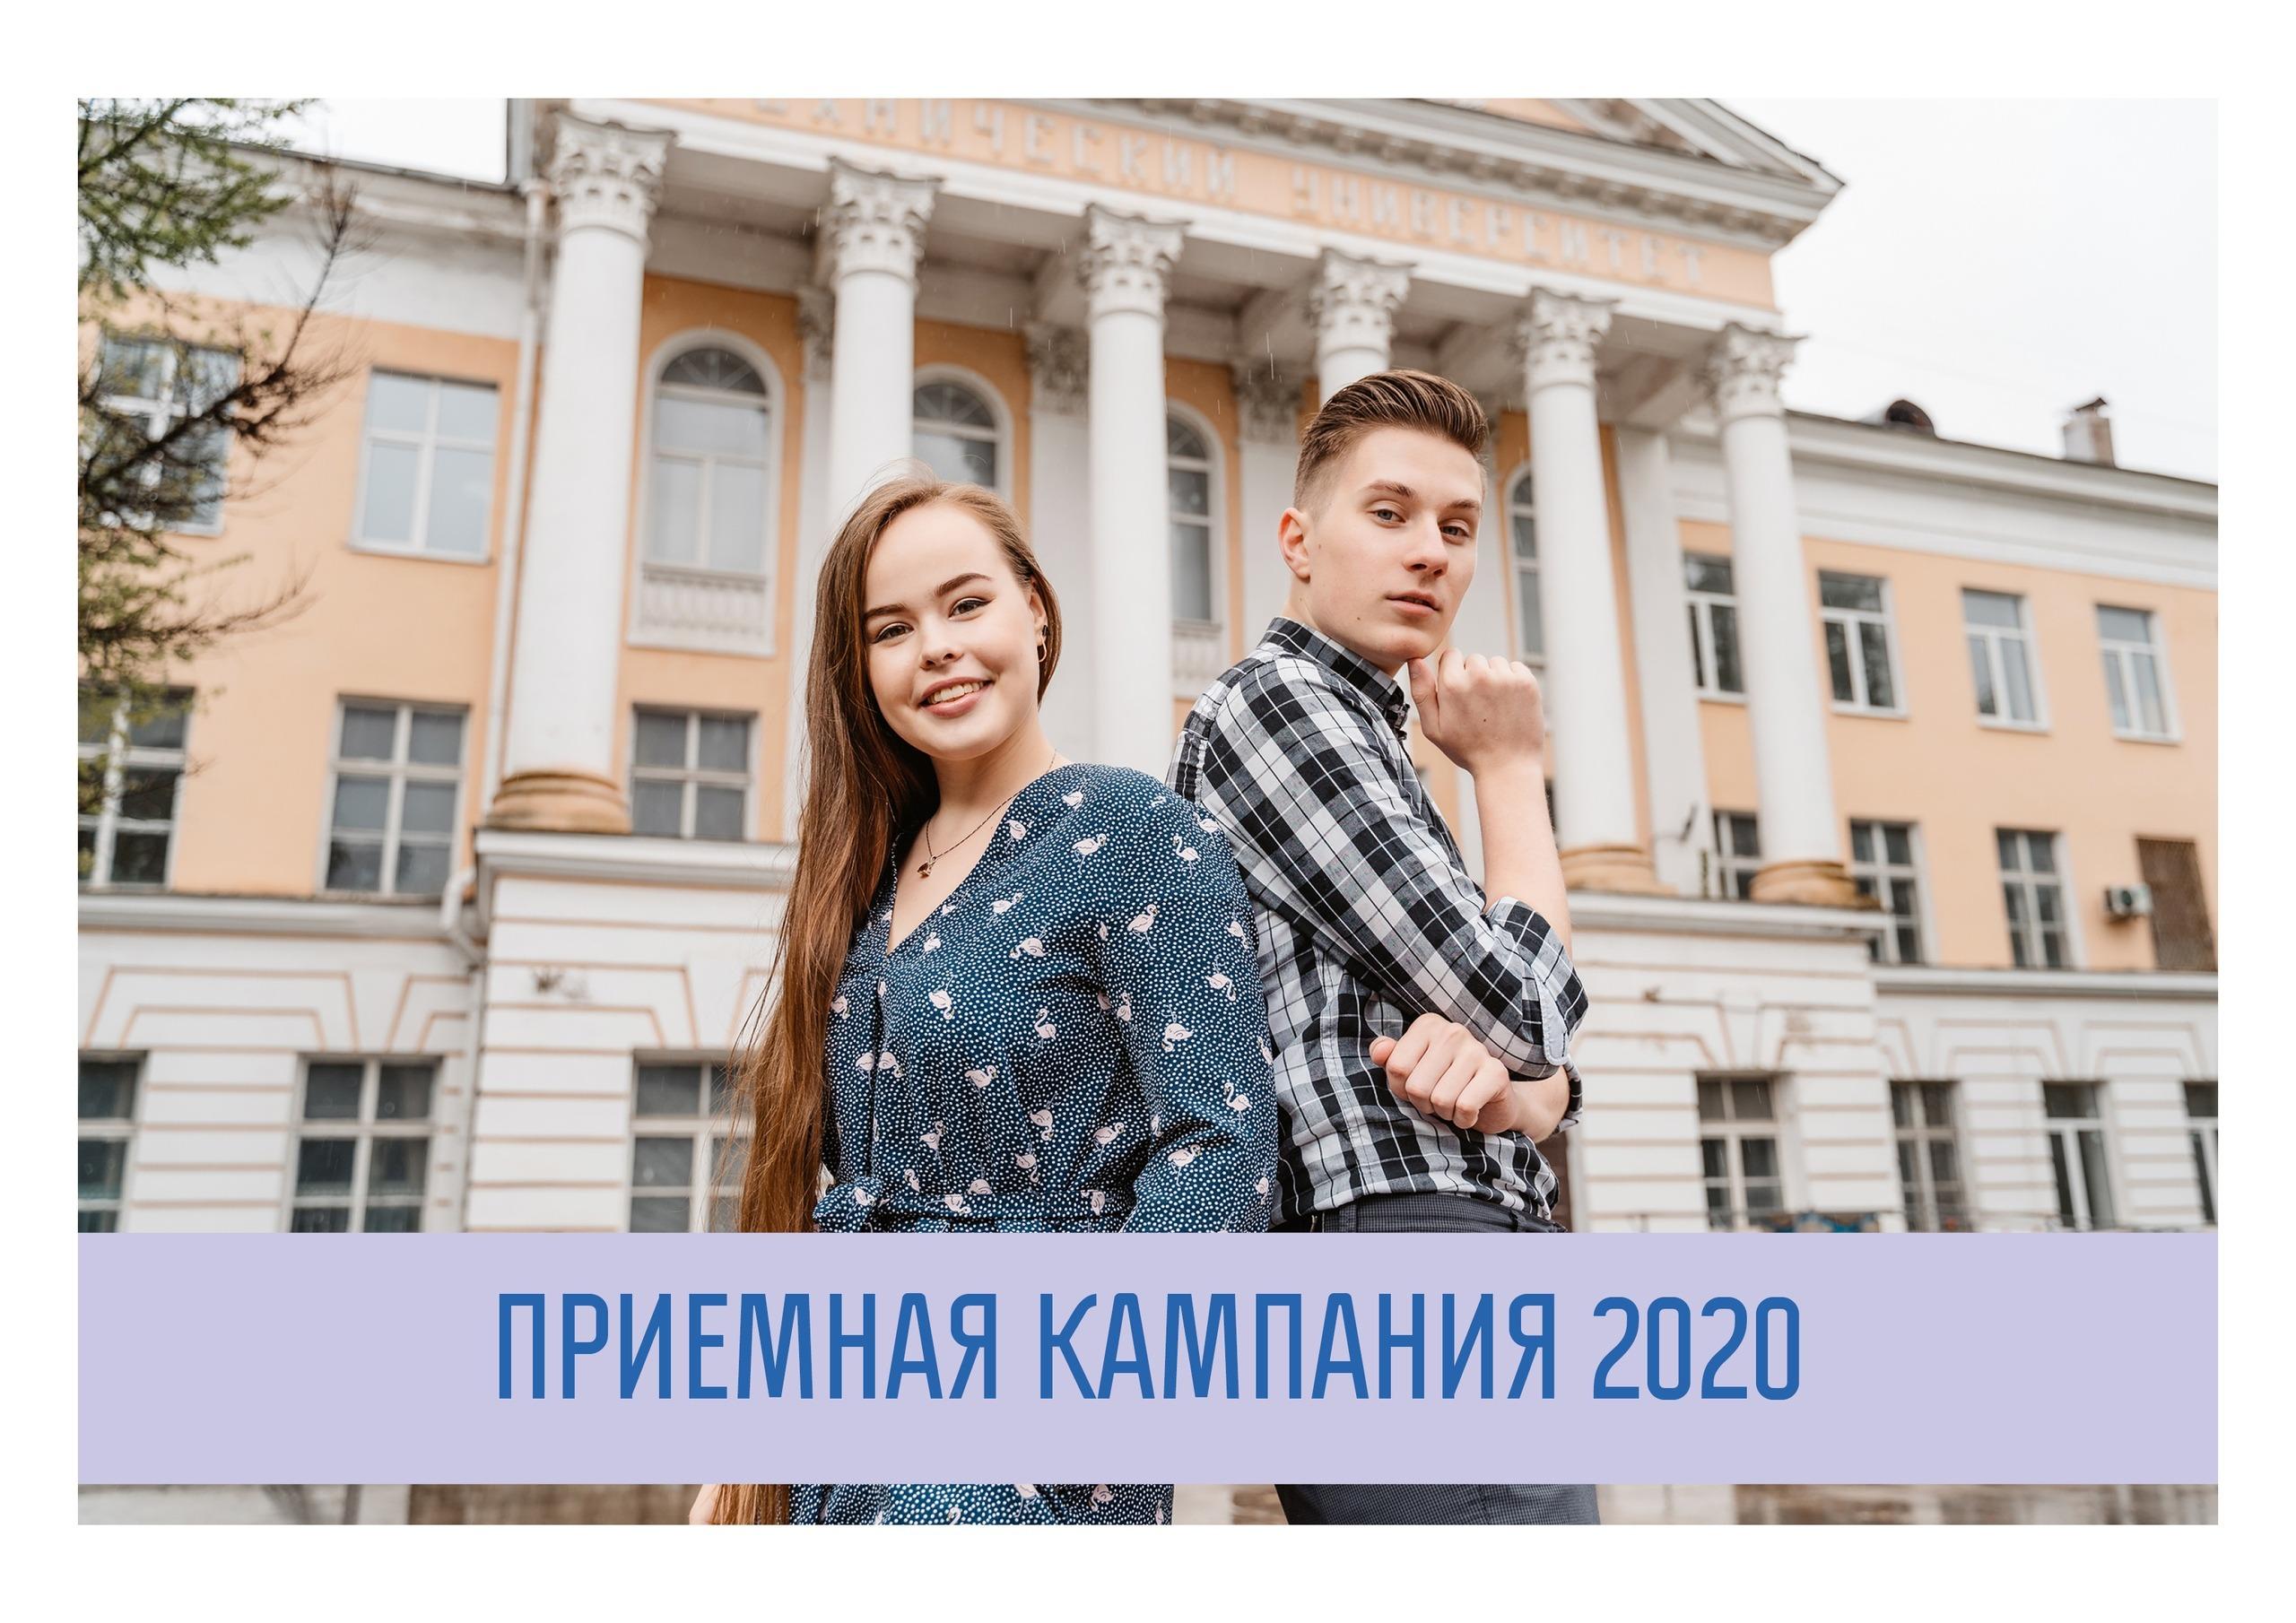 Приемная кампания 2020: ТвГТУ отвечает на основные вопросы абитуриентов